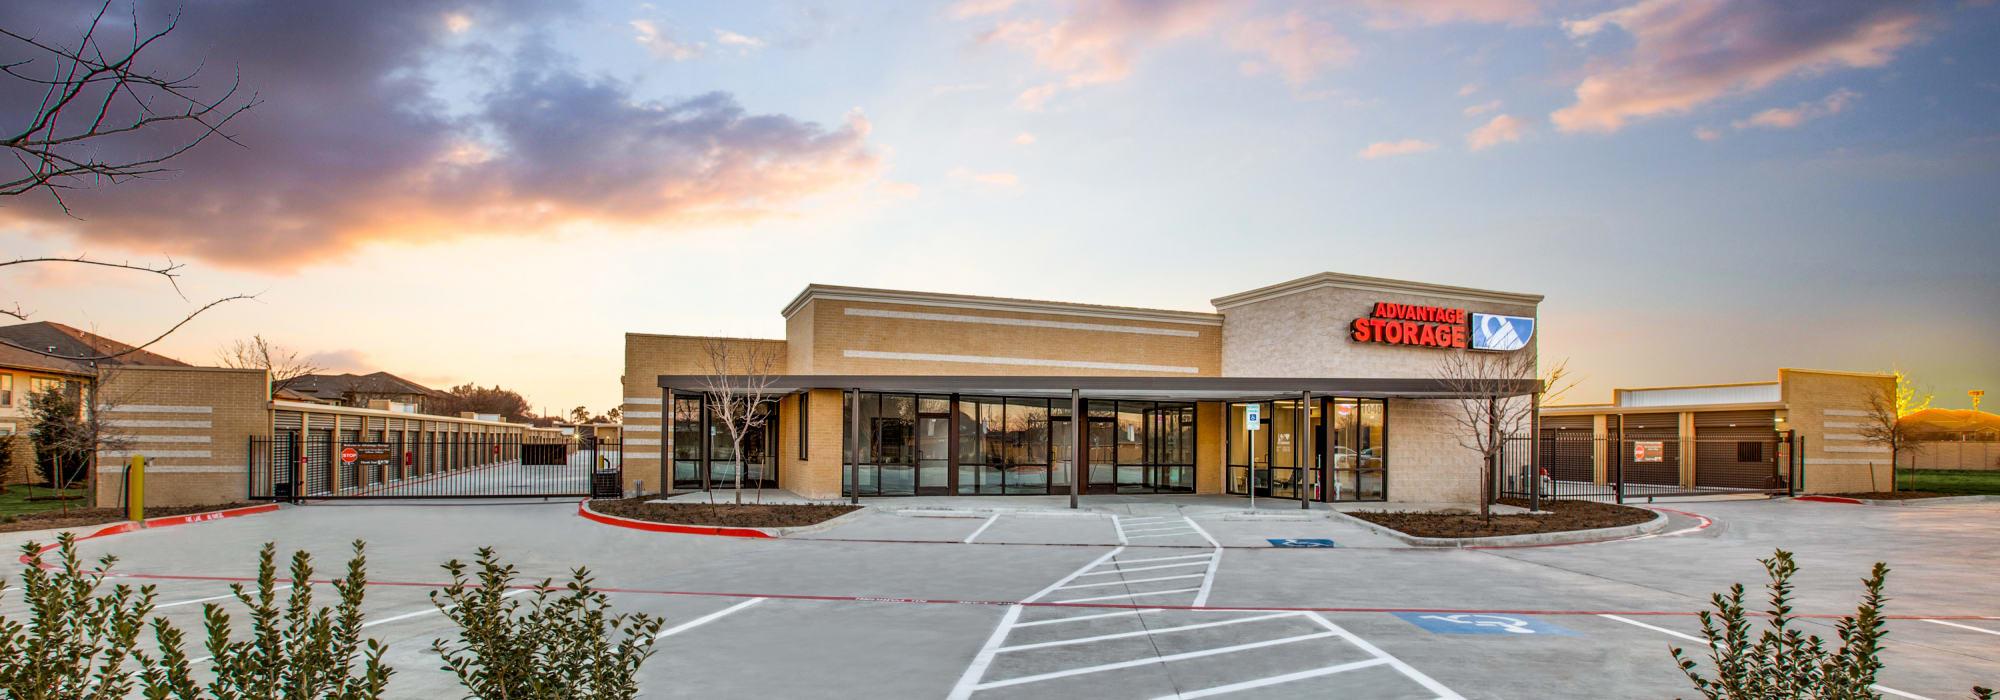 Advantage Storage - Arlington in Arlington, Texas